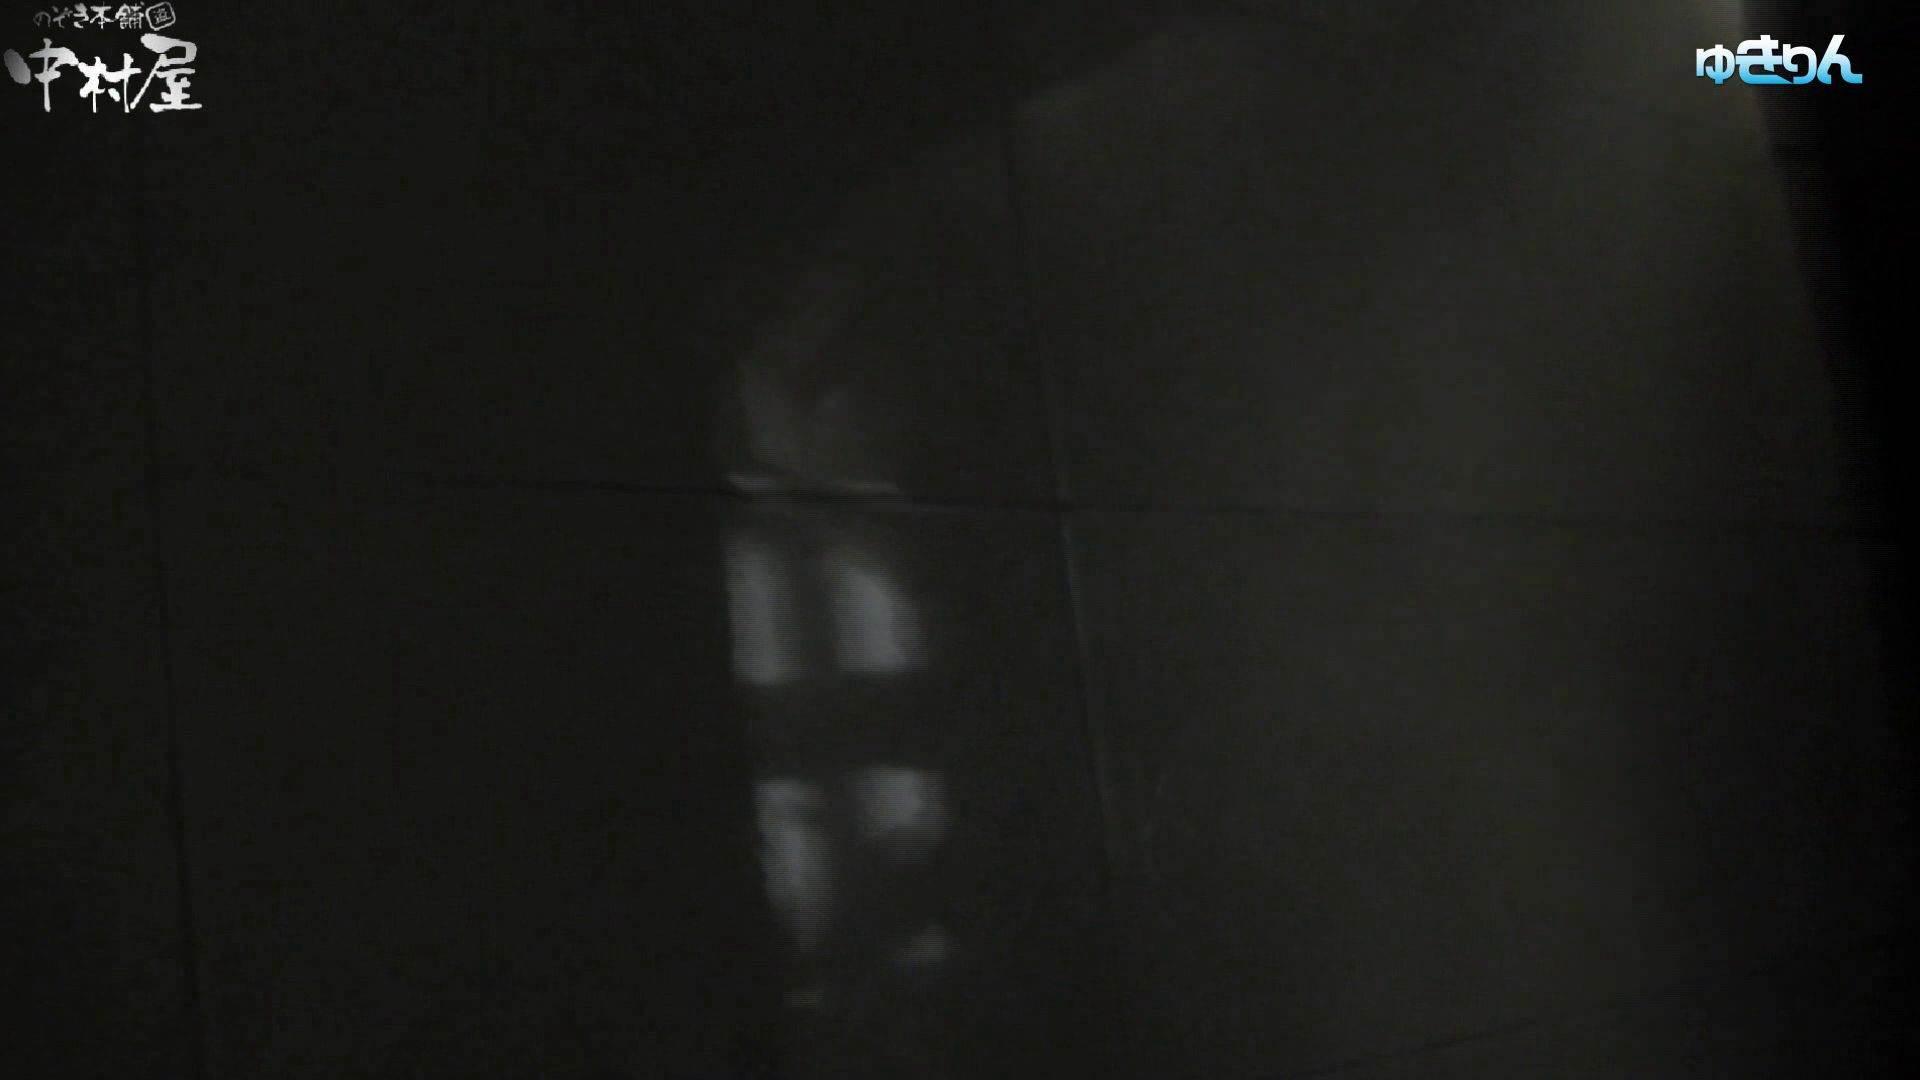 世界の射窓から~ステーション編 vol57 買い物の後三人組再び一番可愛い子が隣に入ってくれた。 綺麗なOLたち  106枚 38